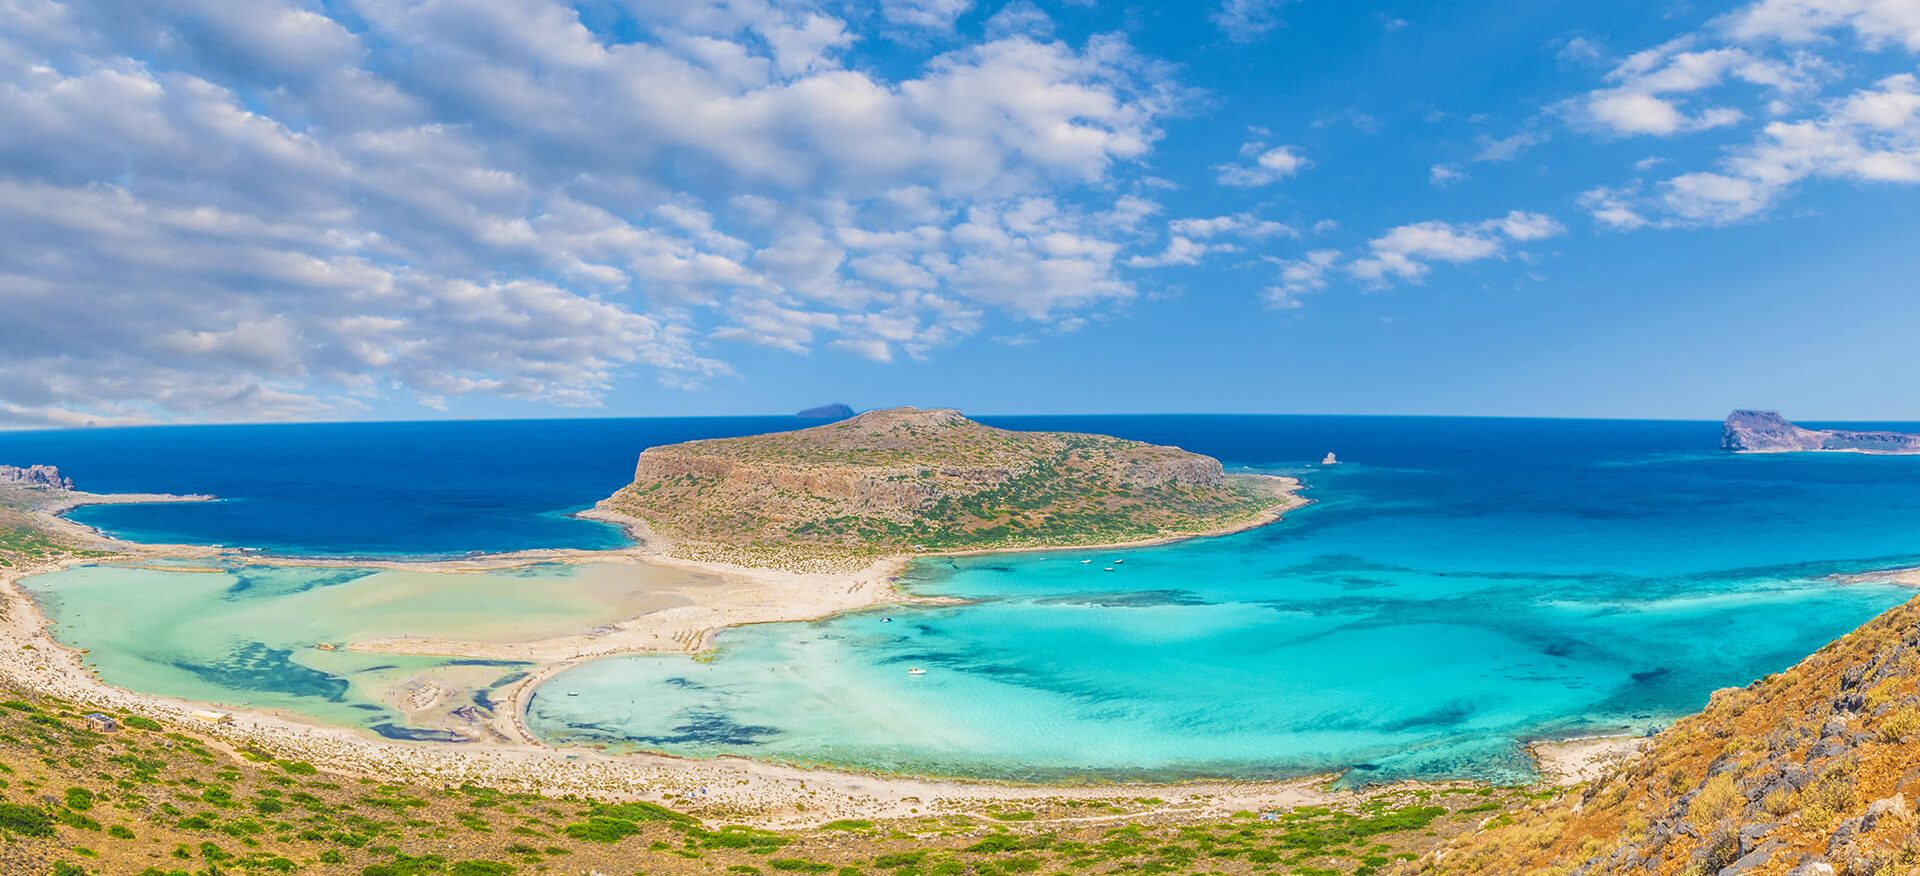 Ταξιδέψτε στα Χανιά της Κρήτης φέτος το Καλοκαίρι, αεροπορικώς! Εκδρομές με το Prima Holidays